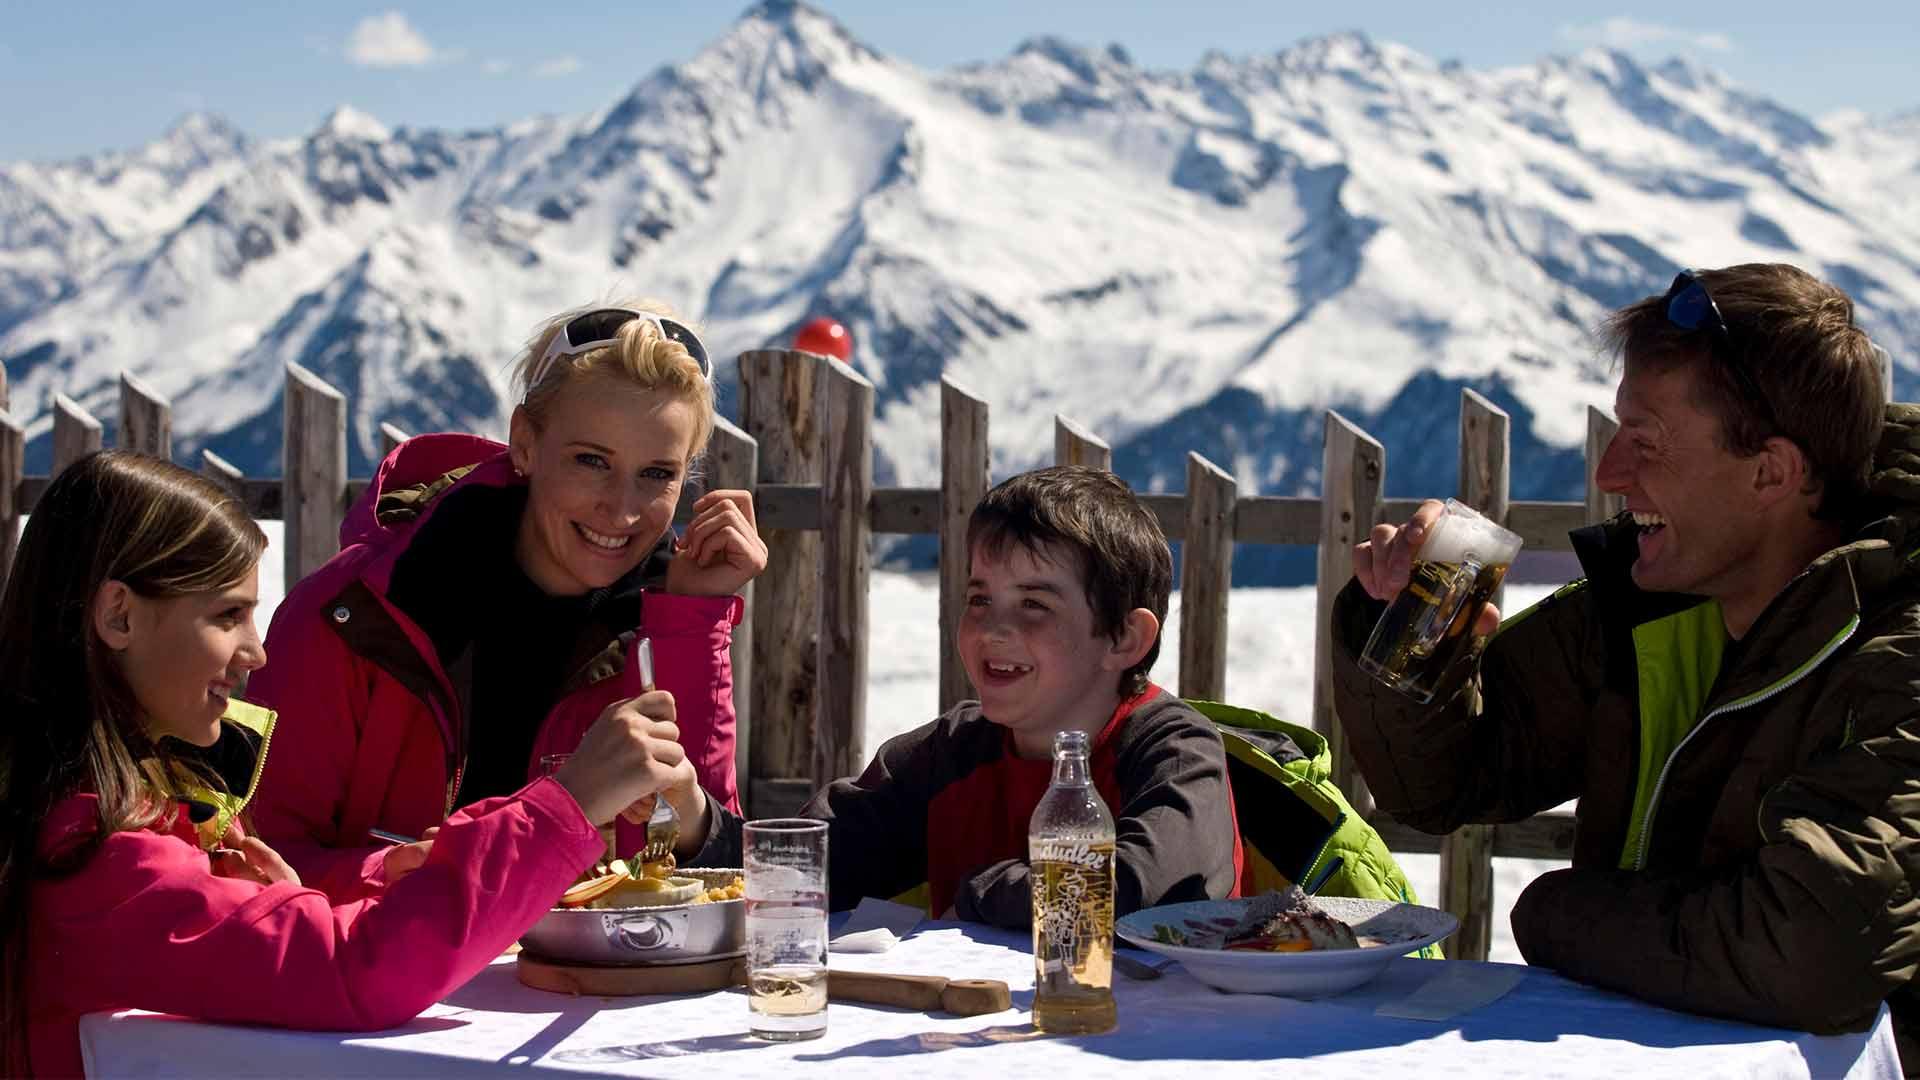 brixnerhof im zillertal, winterurlaub mit familie, urlaub im zillertal, ski fahren